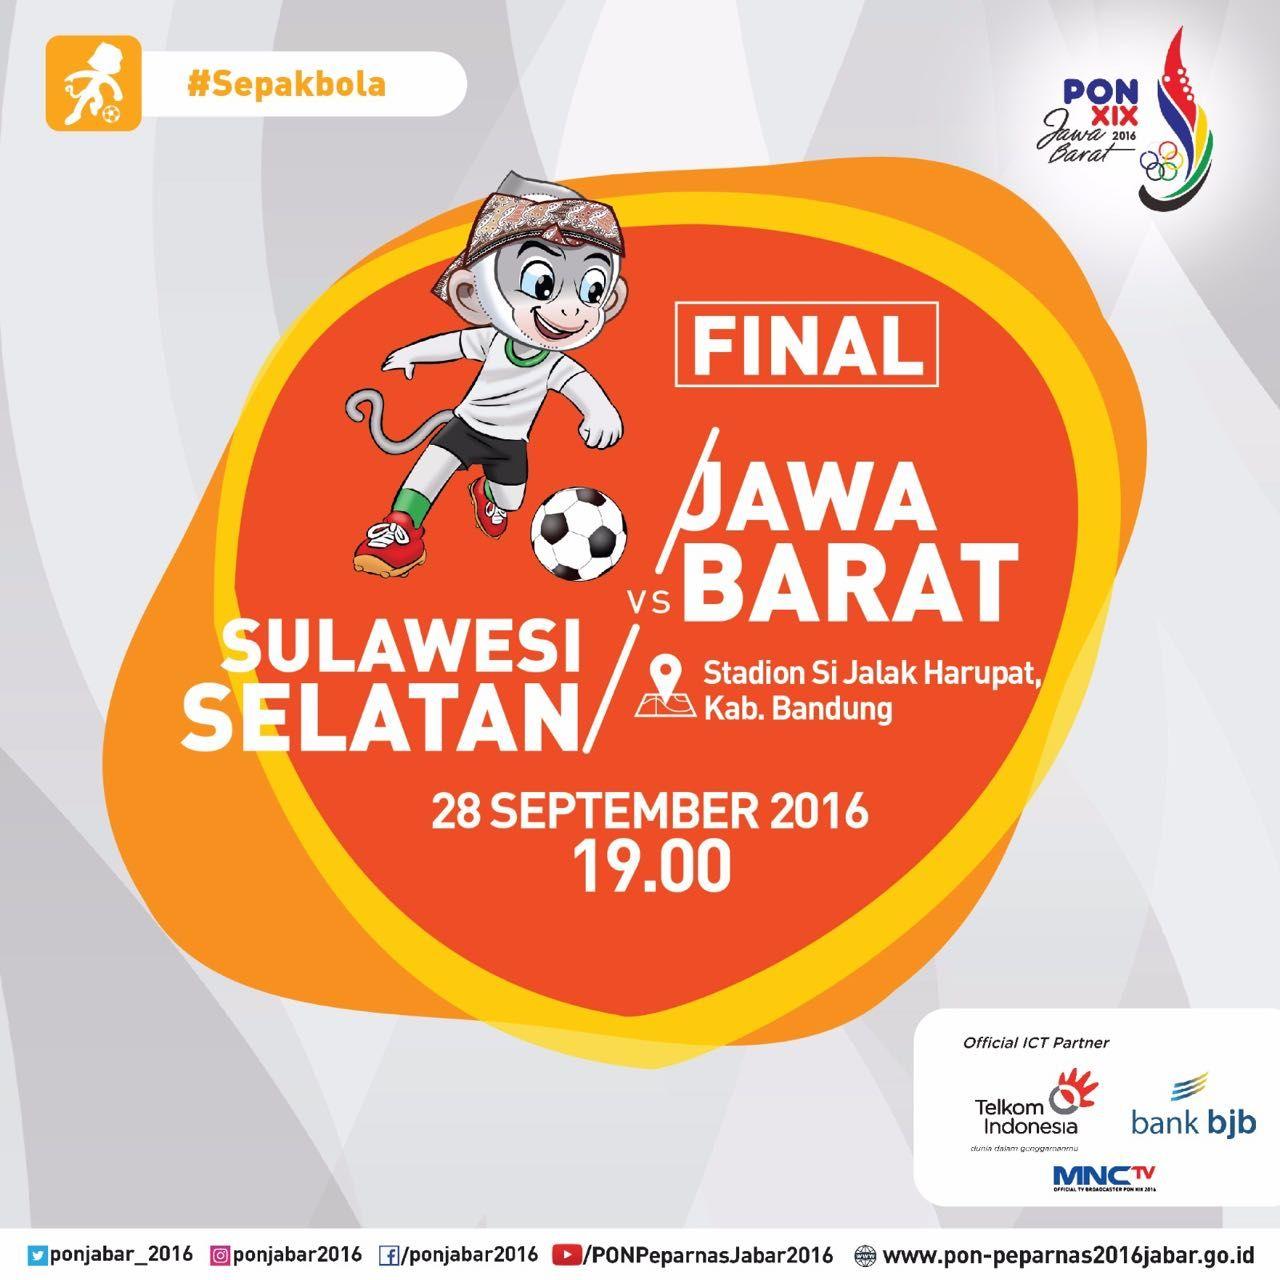 Final Cabang Olahraga Sepak Bola Pon2016 Hari Jawa Barat Sulawesi